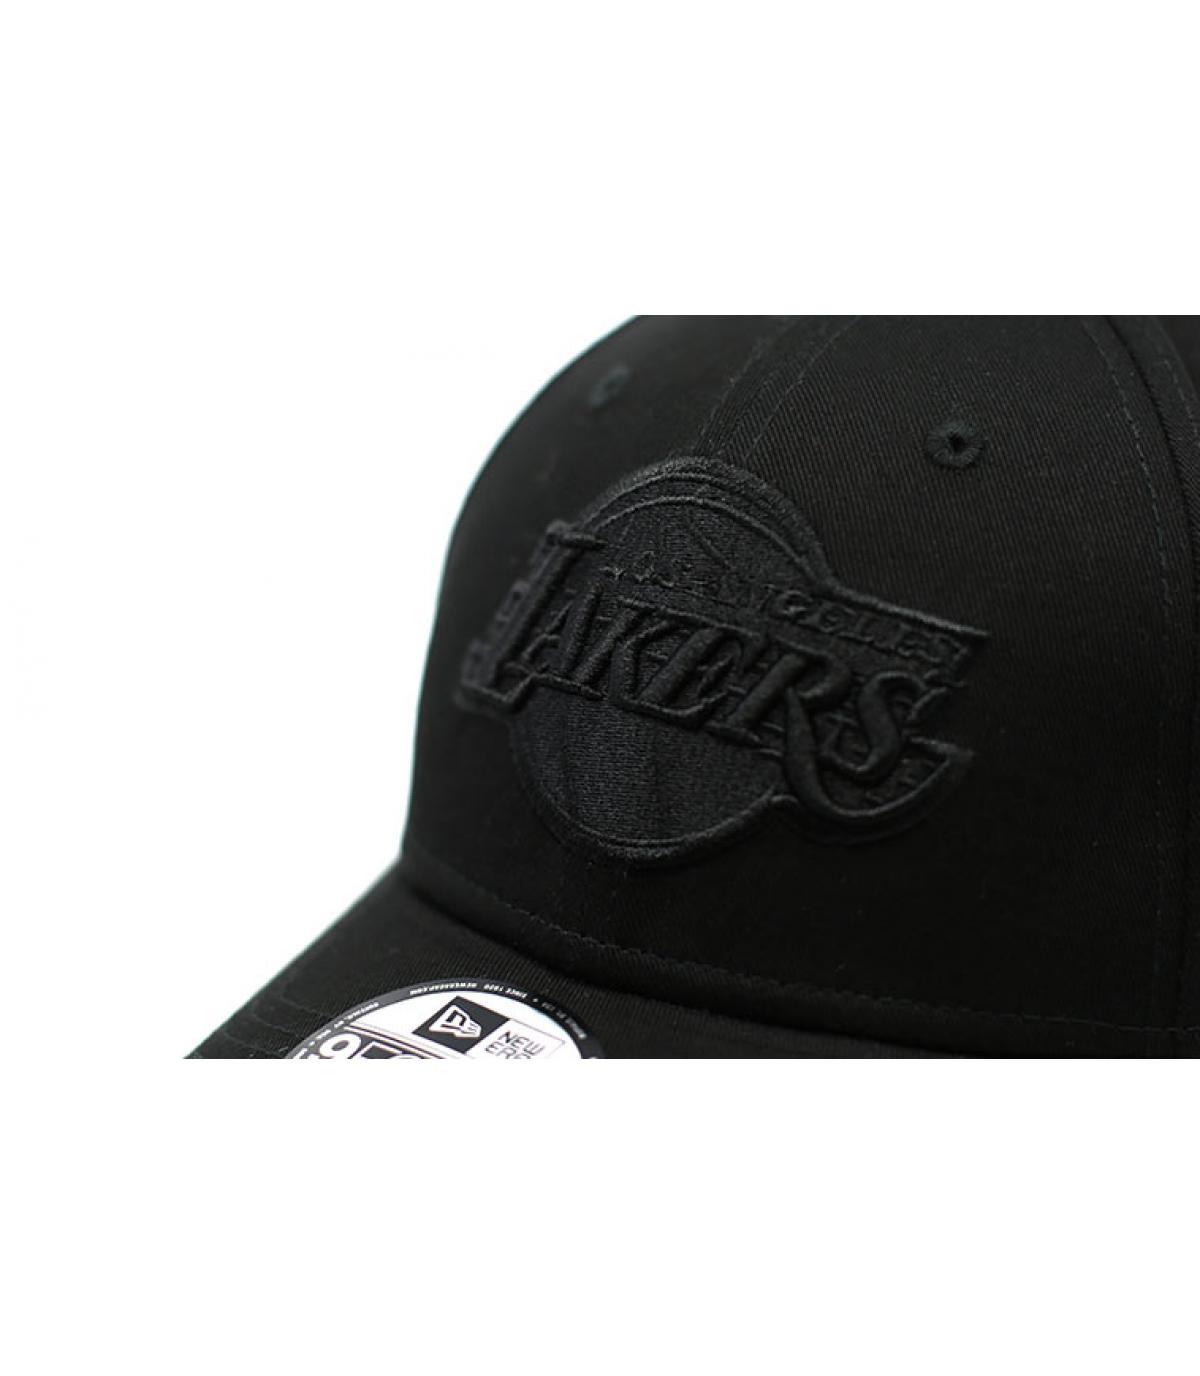 Détails Casquette 9Forty Lakers Snapback black - image 3